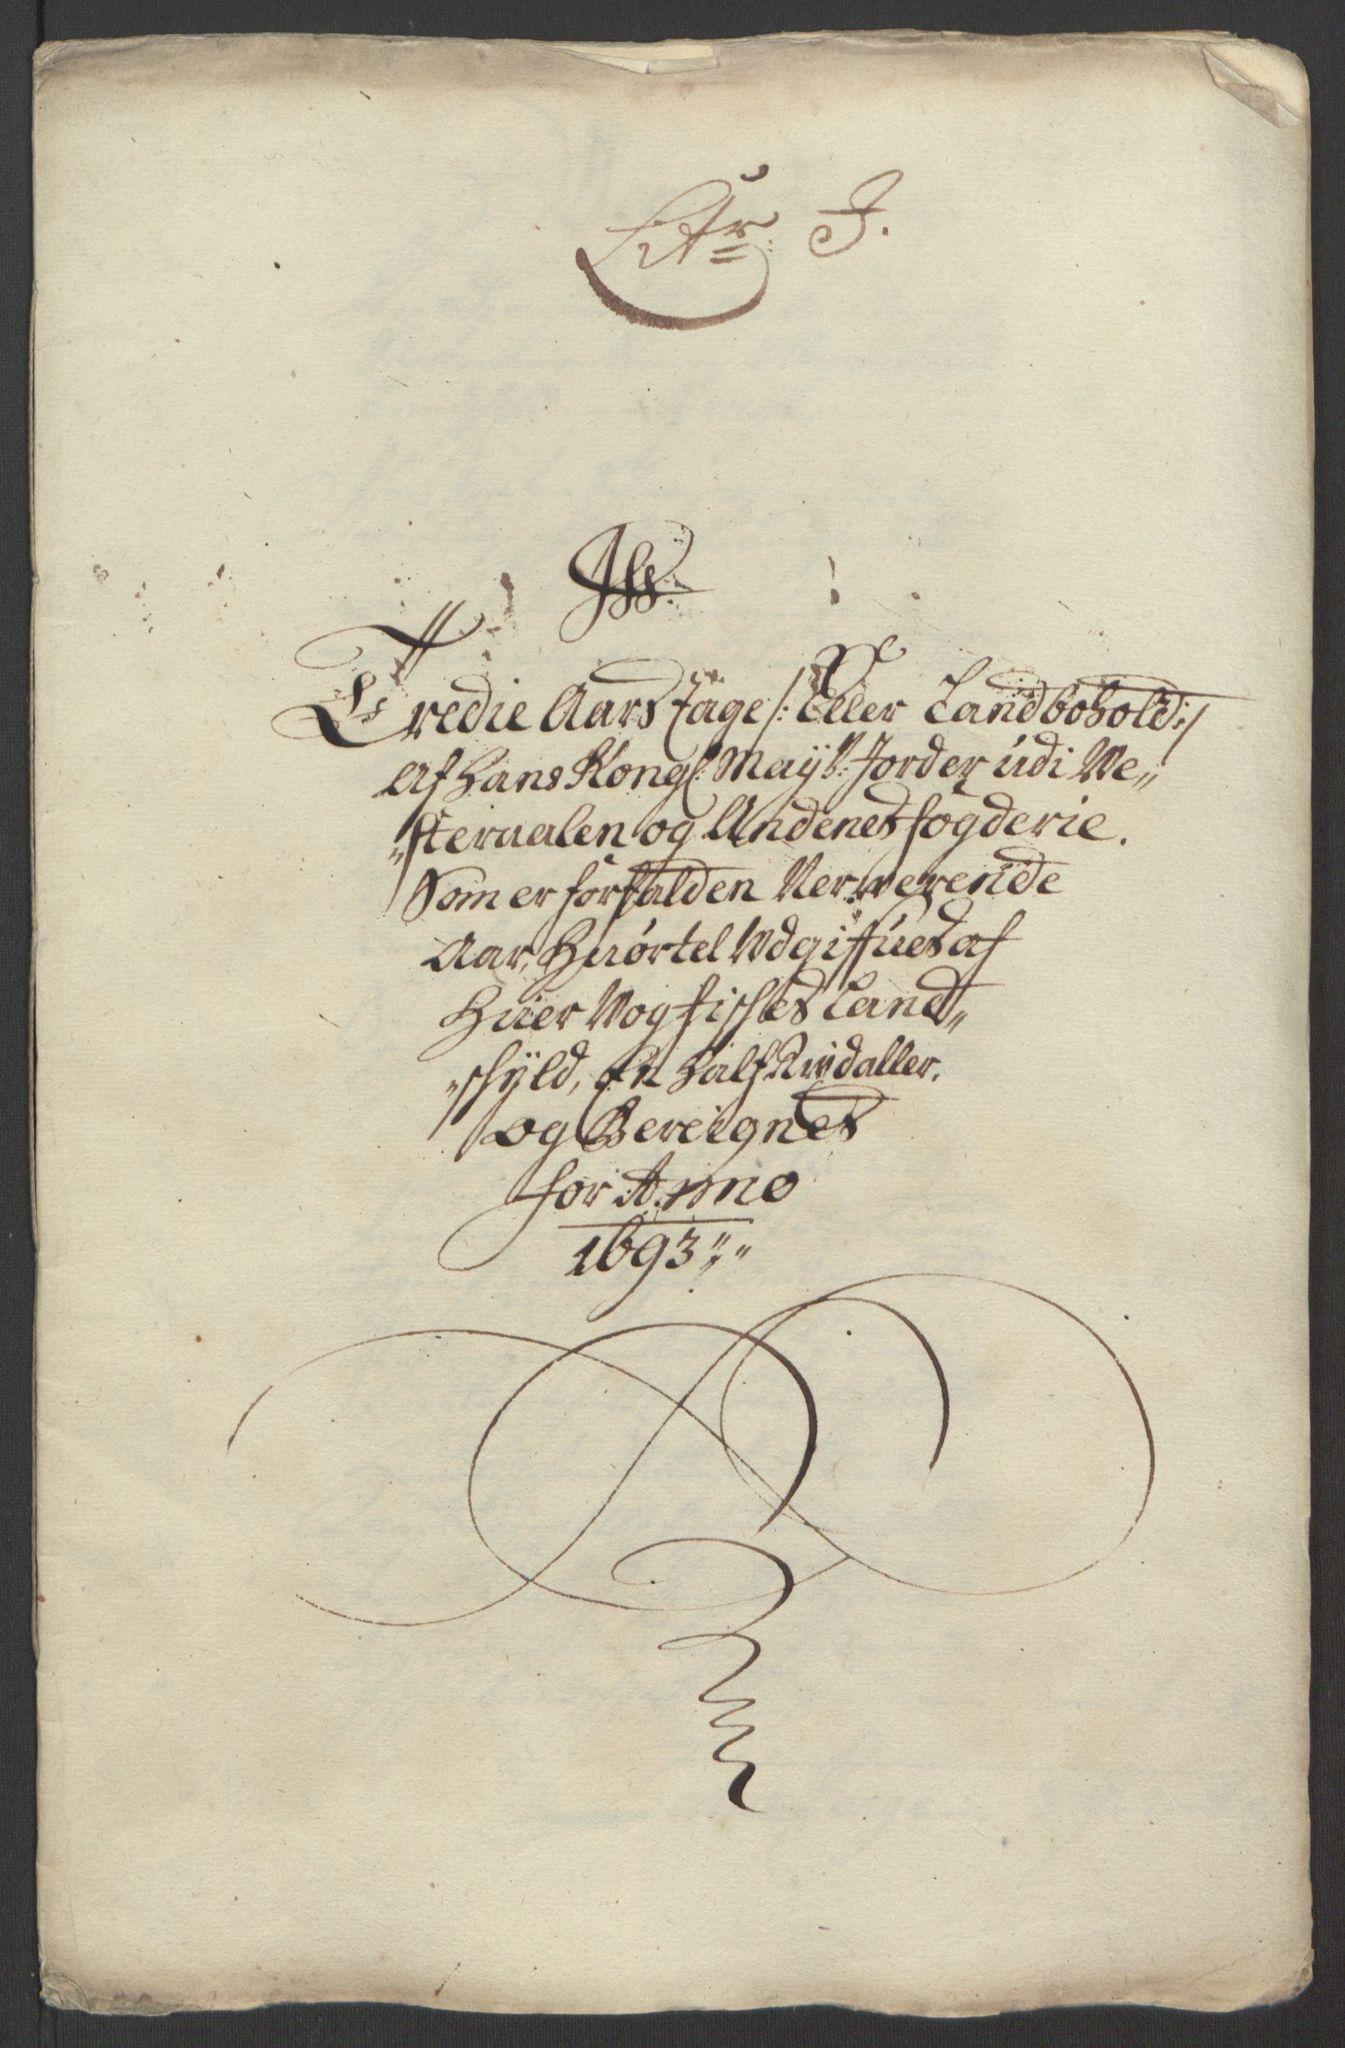 RA, Rentekammeret inntil 1814, Reviderte regnskaper, Fogderegnskap, R67/L4676: Fogderegnskap Vesterålen, Andenes og Lofoten, 1691-1693, s. 325